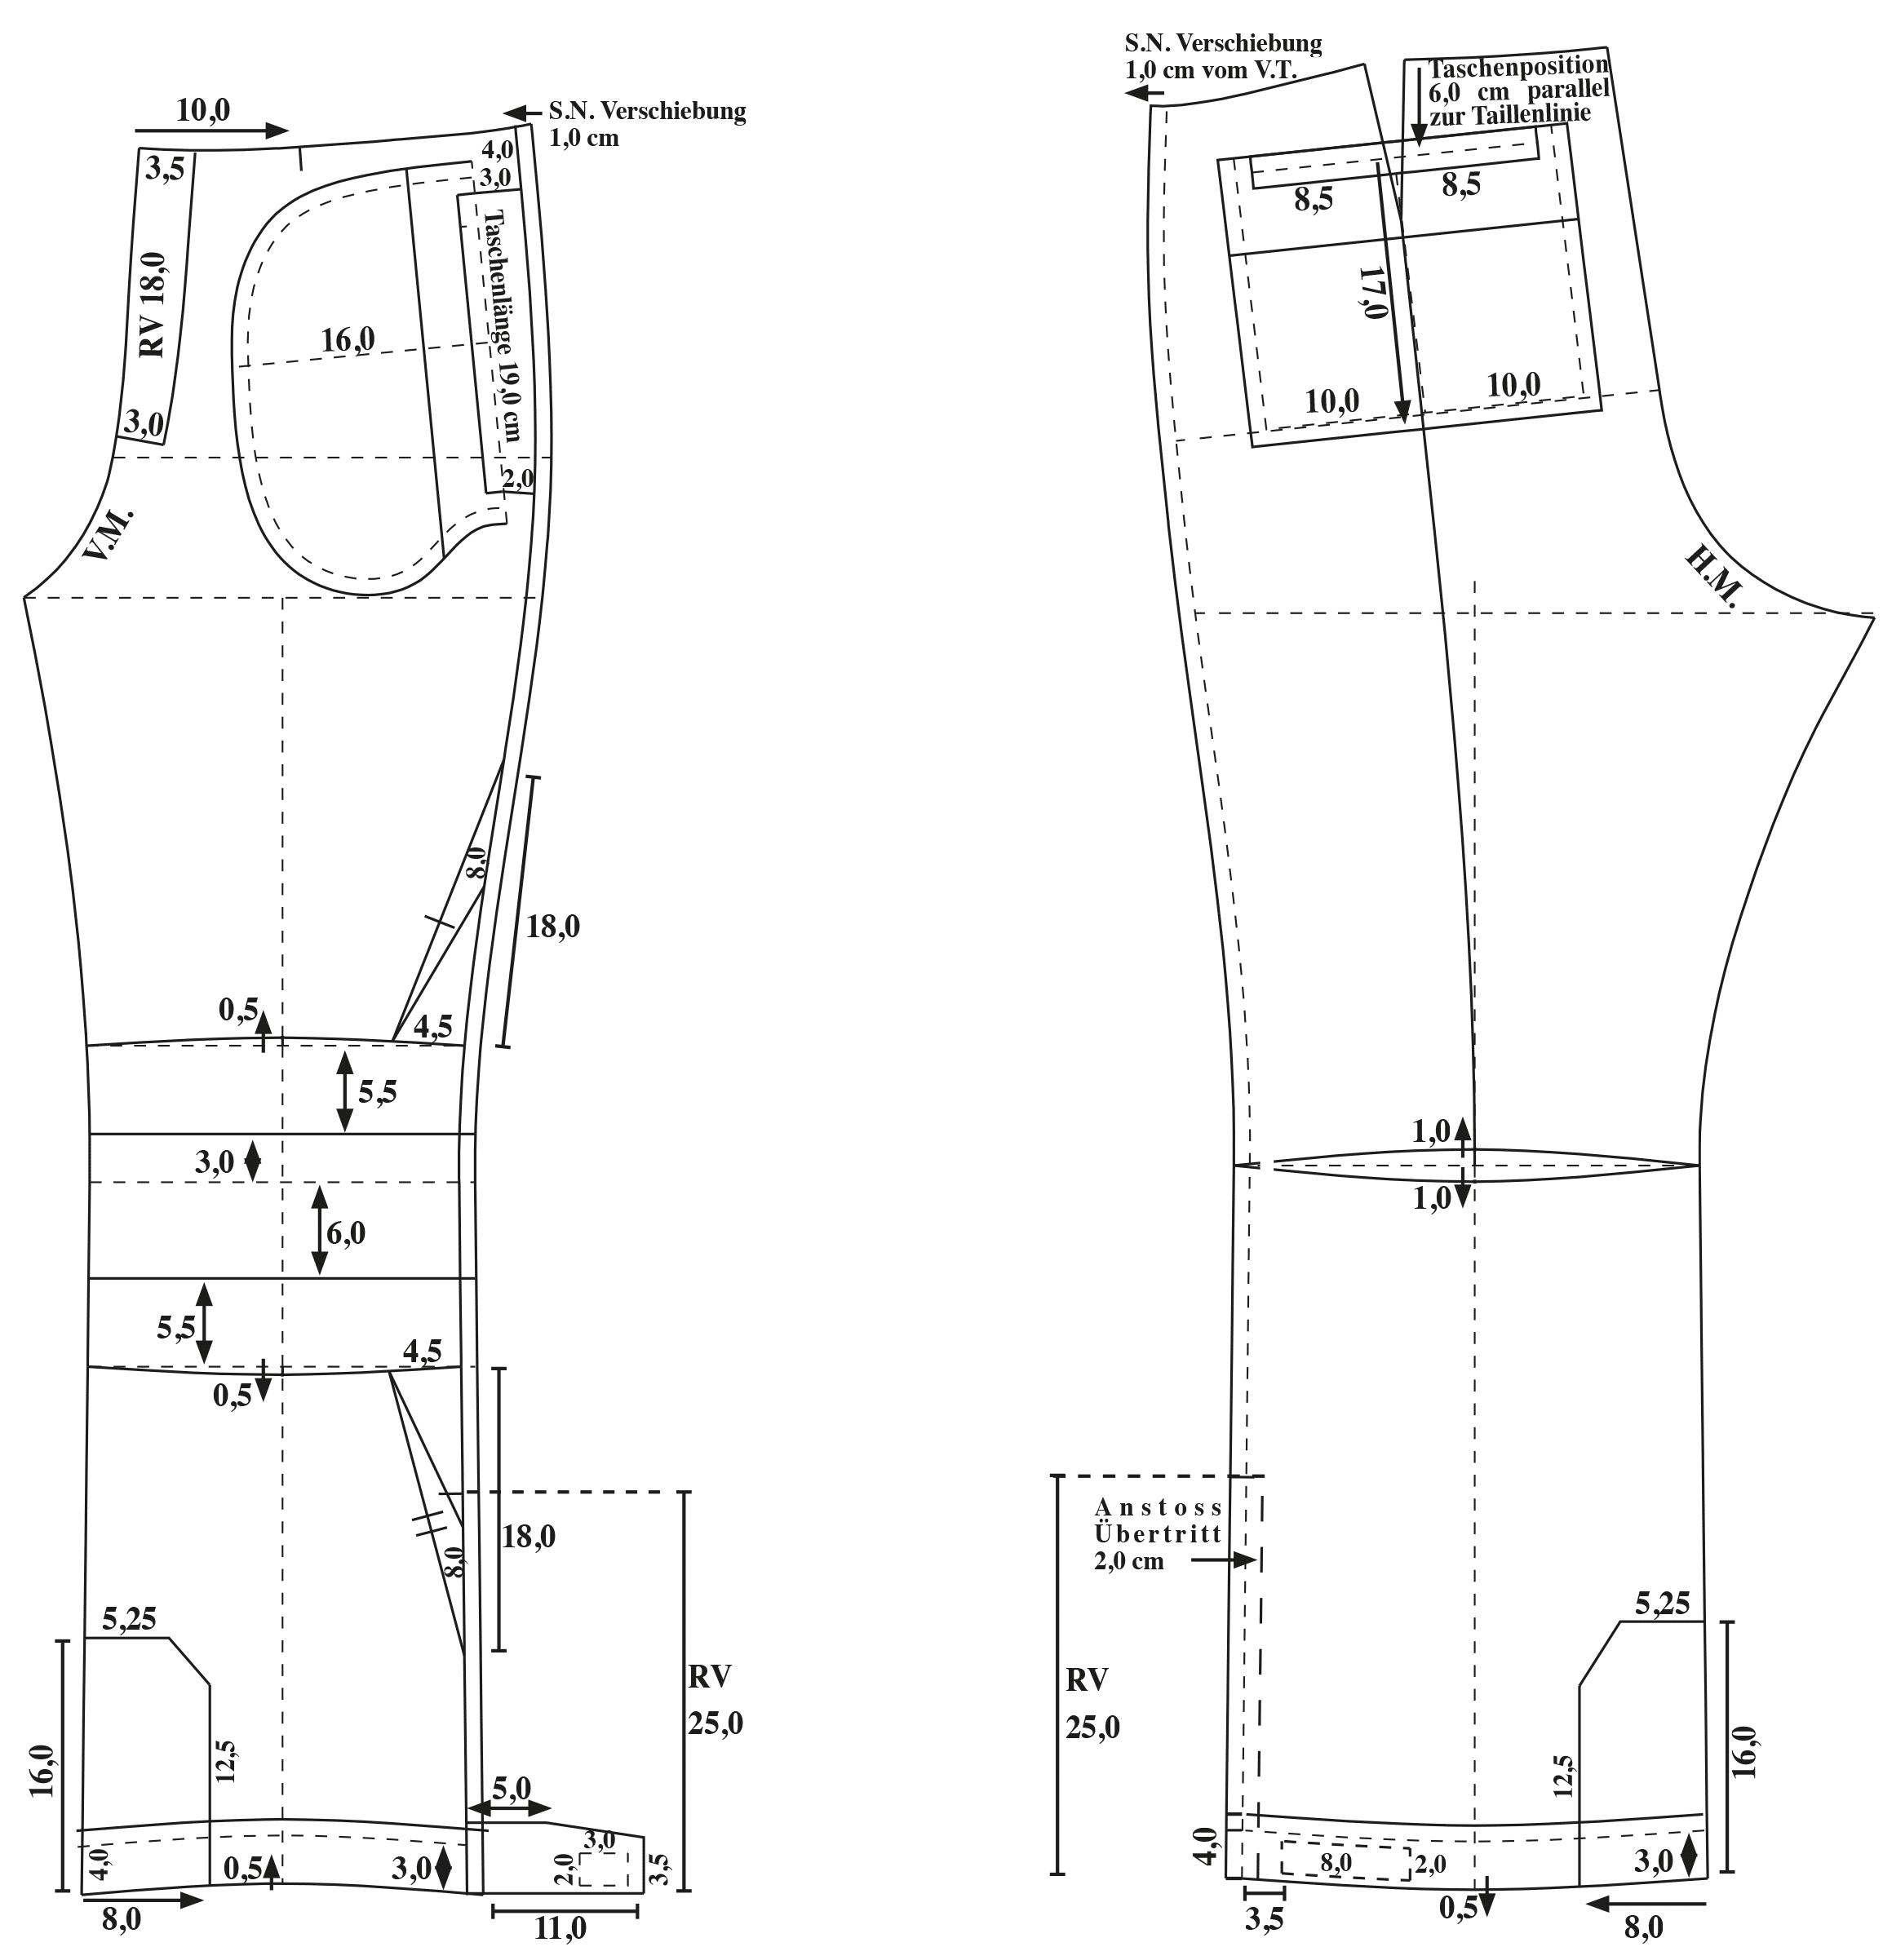 Gezeigt wird die Schnitt-Technik der Vorder- und Hinterhose für eine Skihose.